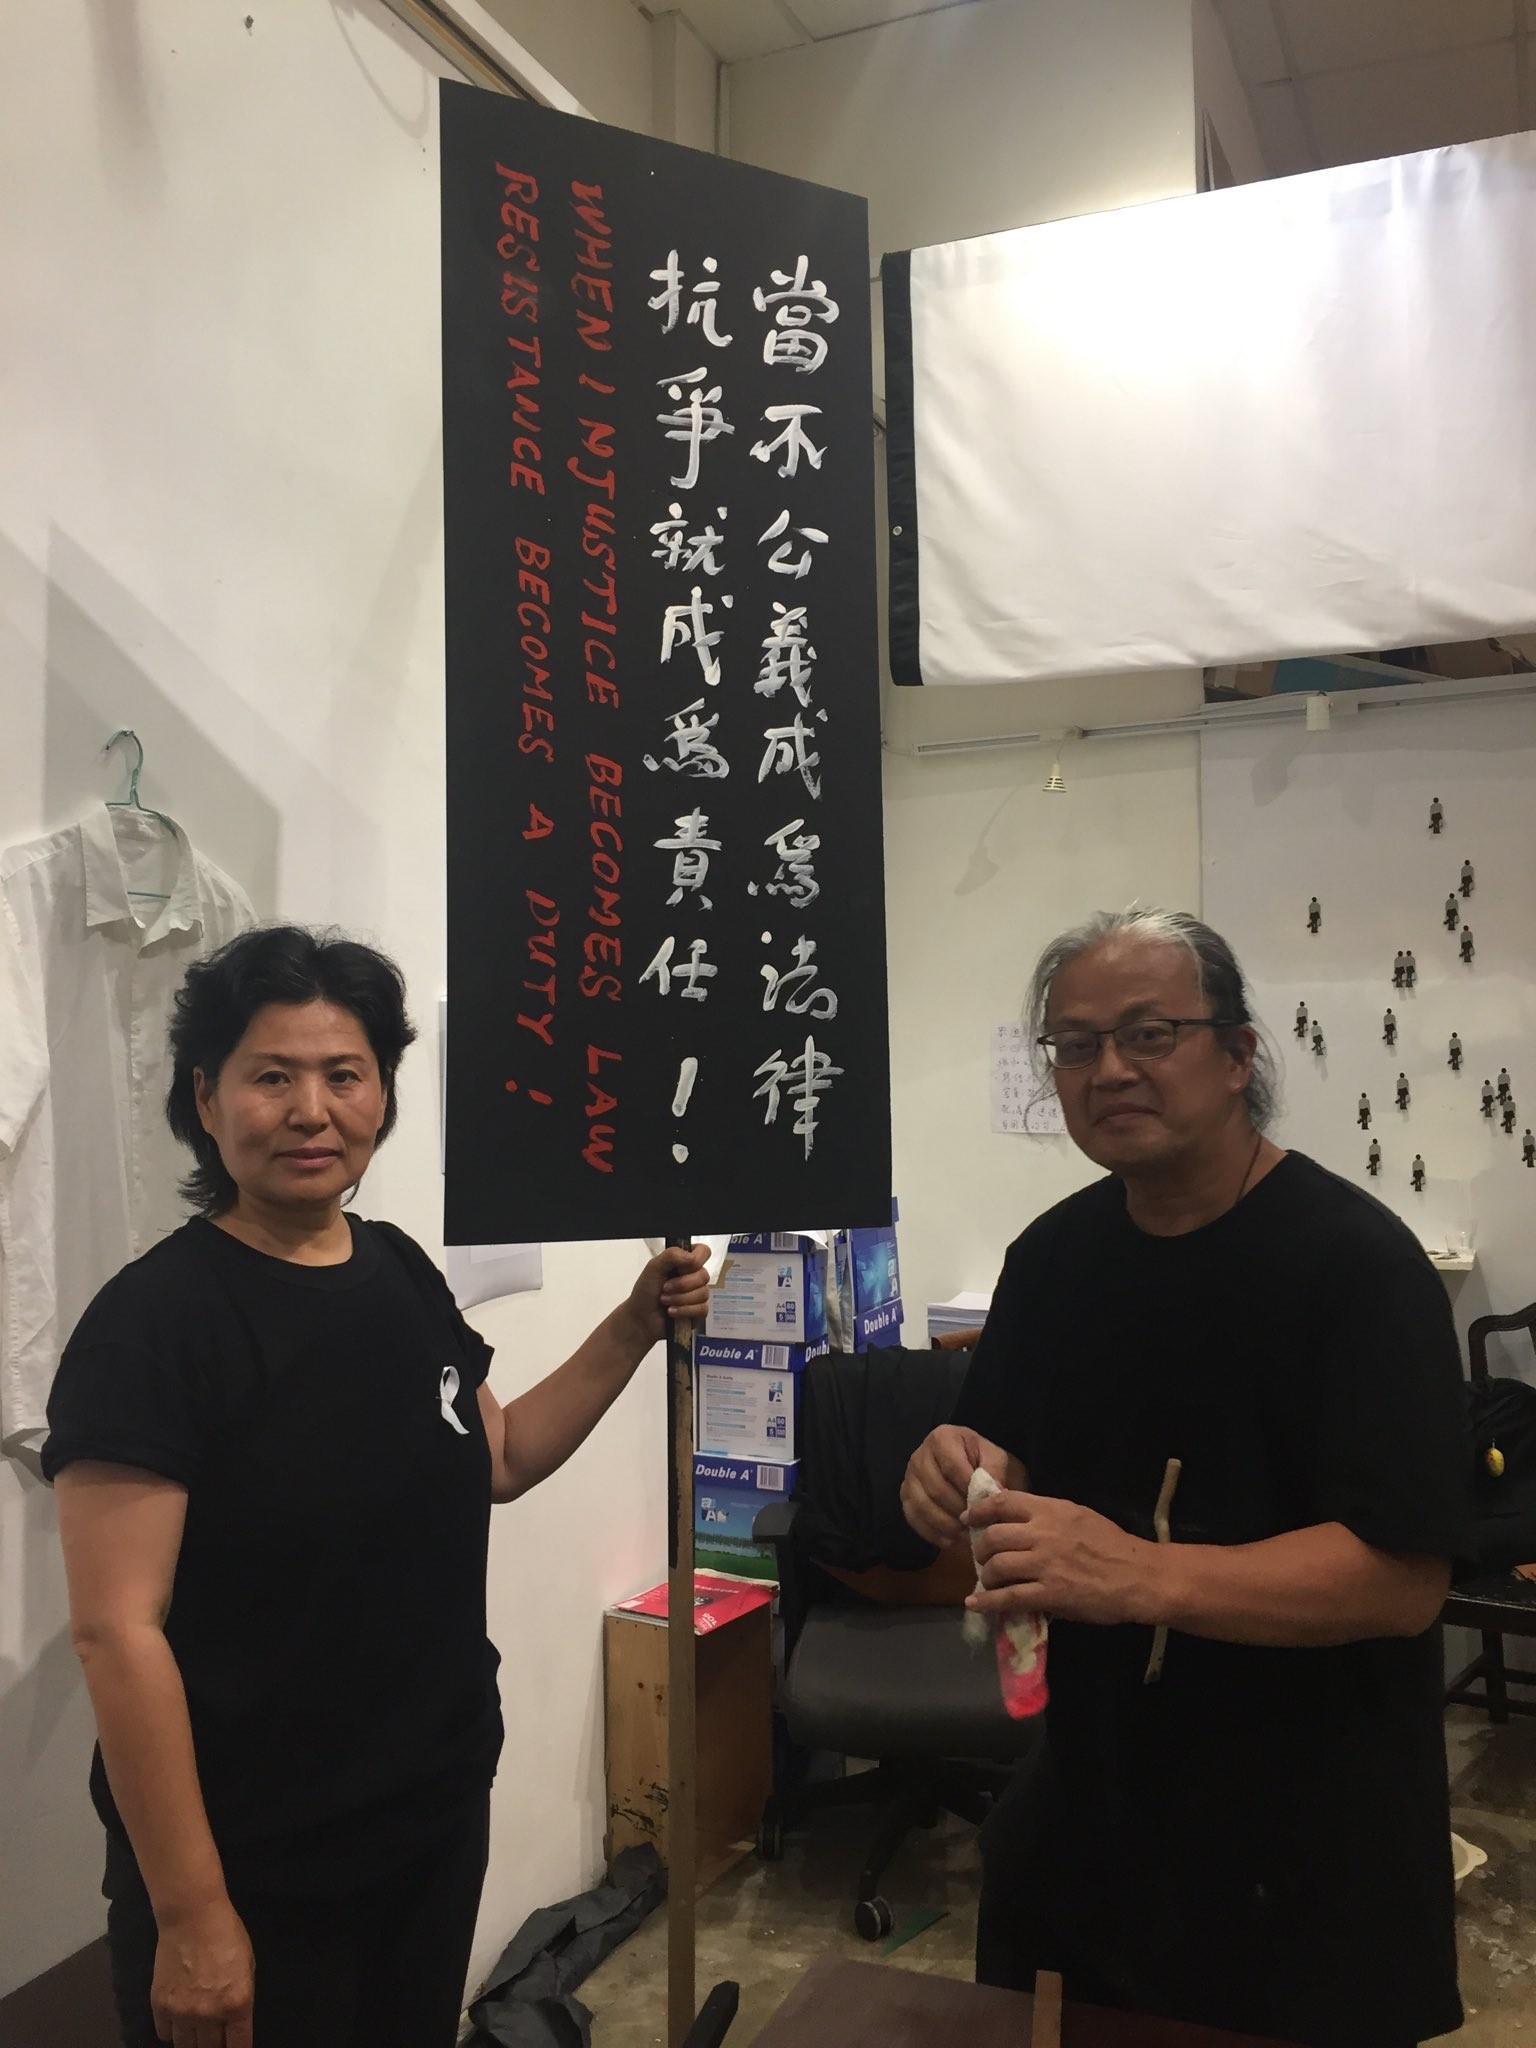 香港艺术家三木(右)也准备了游行标语牌。(耿和推特)